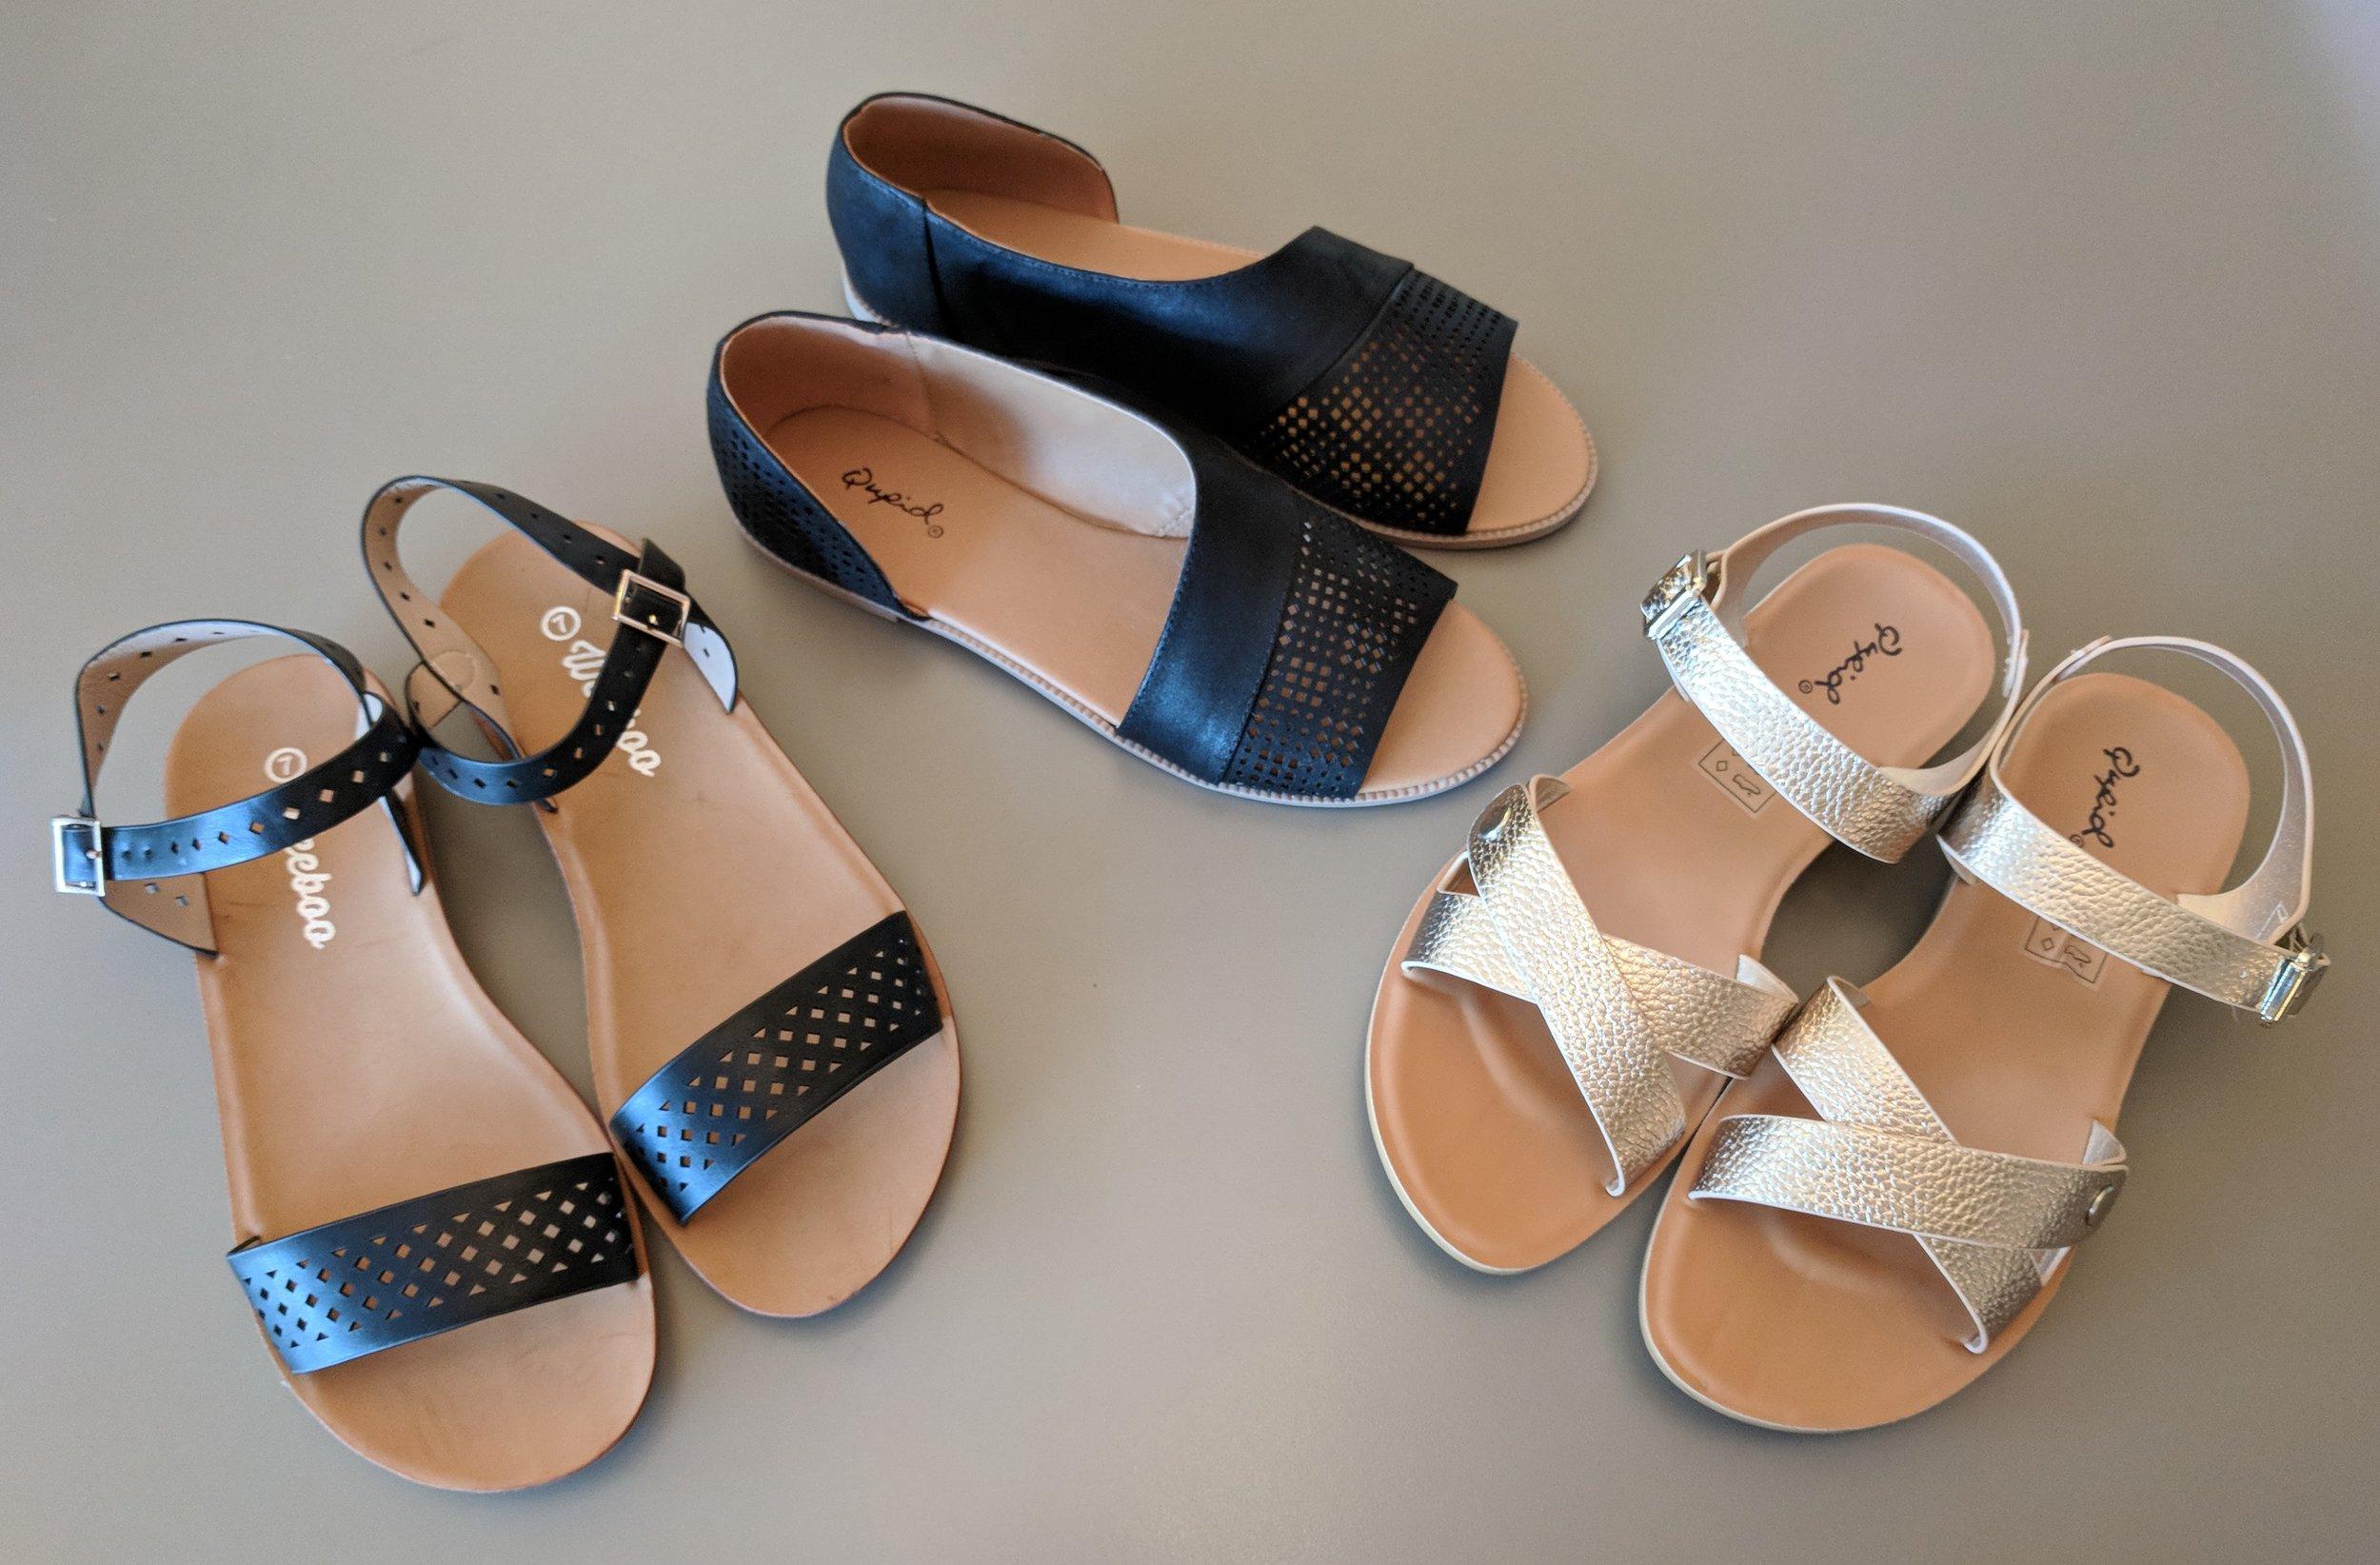 Black strap sandal $28, Black open side sandal $32 and Champagne sandal $28